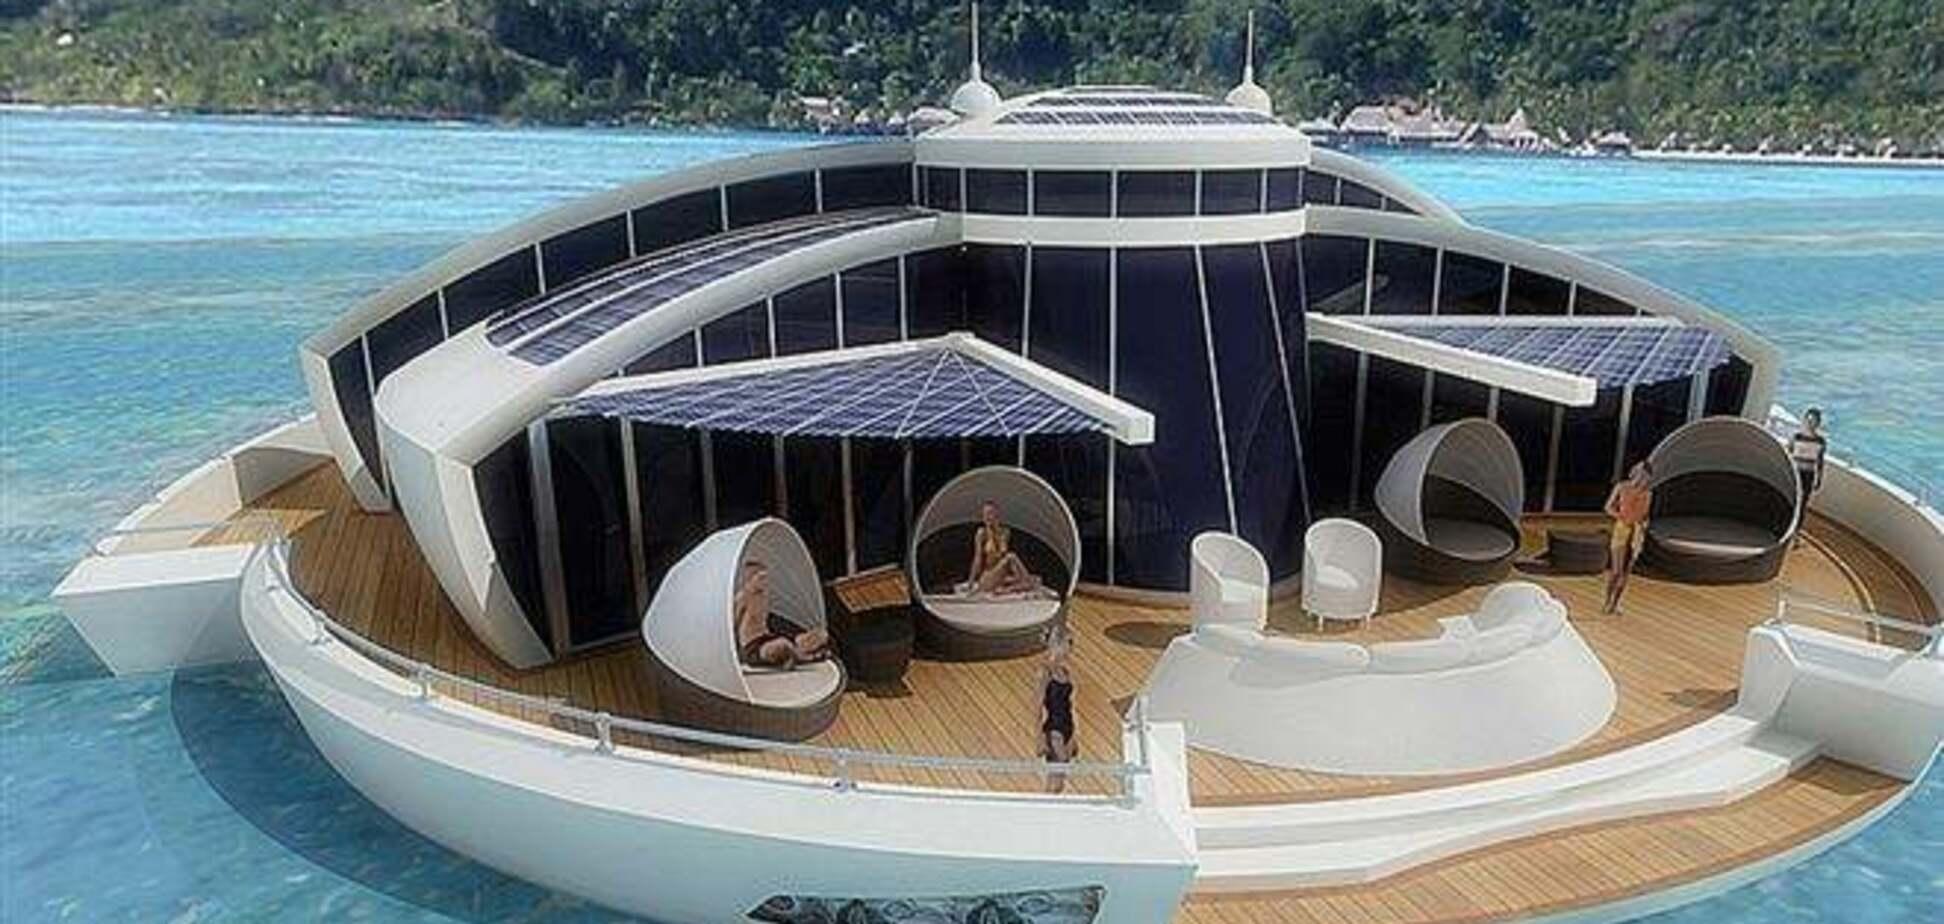 Мальдивы готовы купить плавающий остров-курорт более чем за 100 млн фунтов